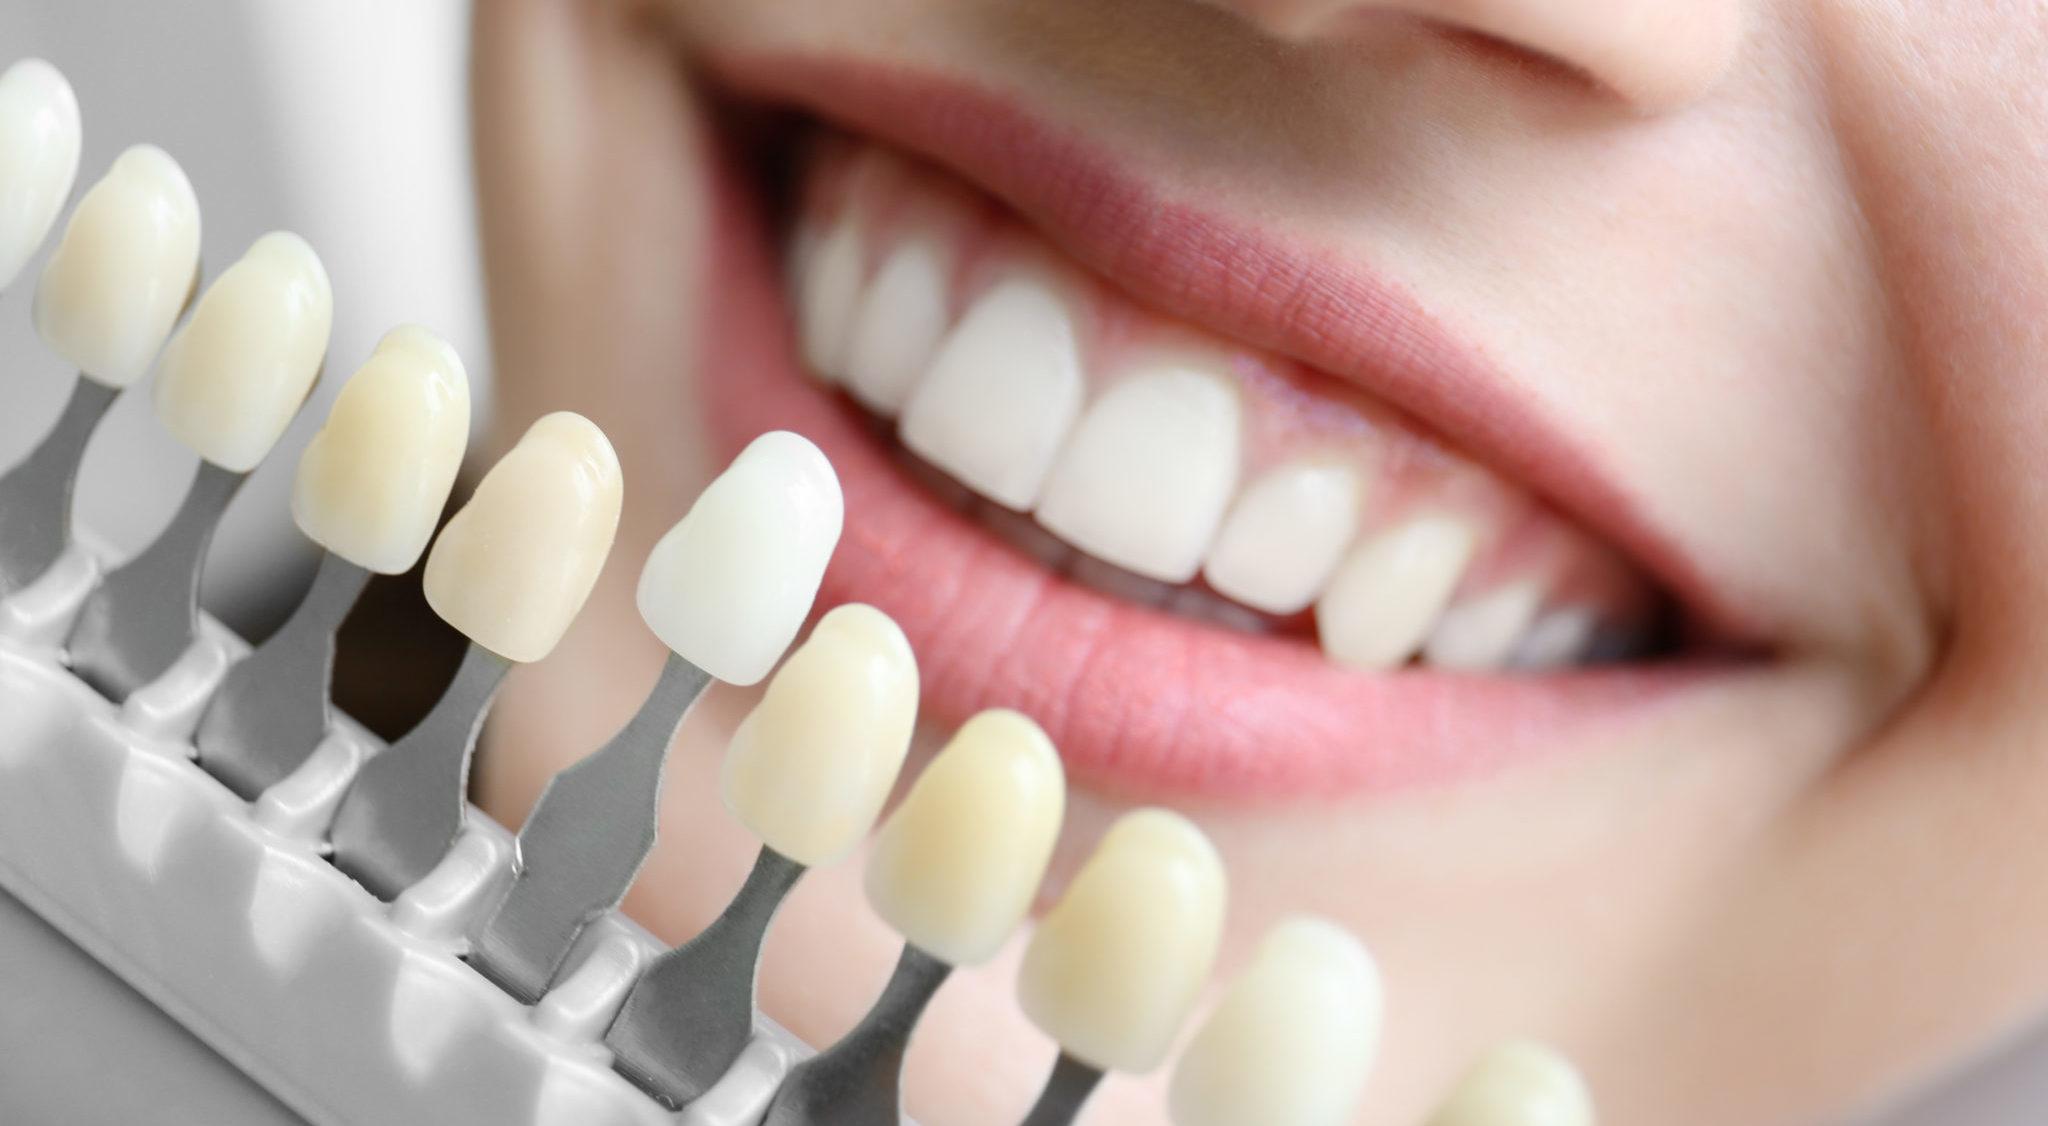 Обрабавыемграфии как сделать зубы